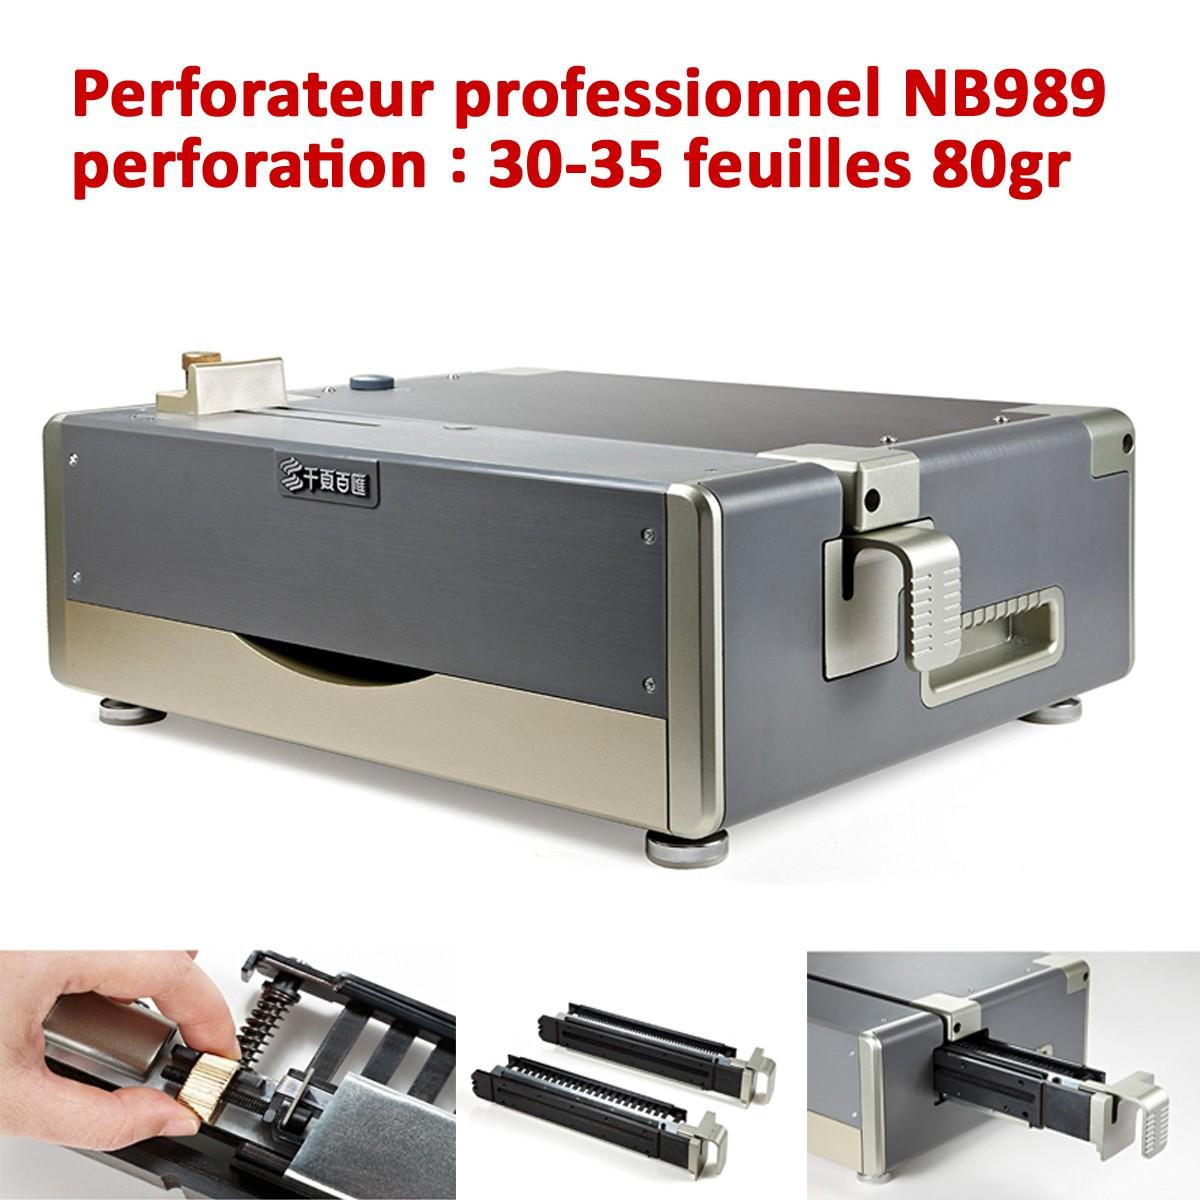 Perforateur Electrique 35-40 feuilles A4  NB989